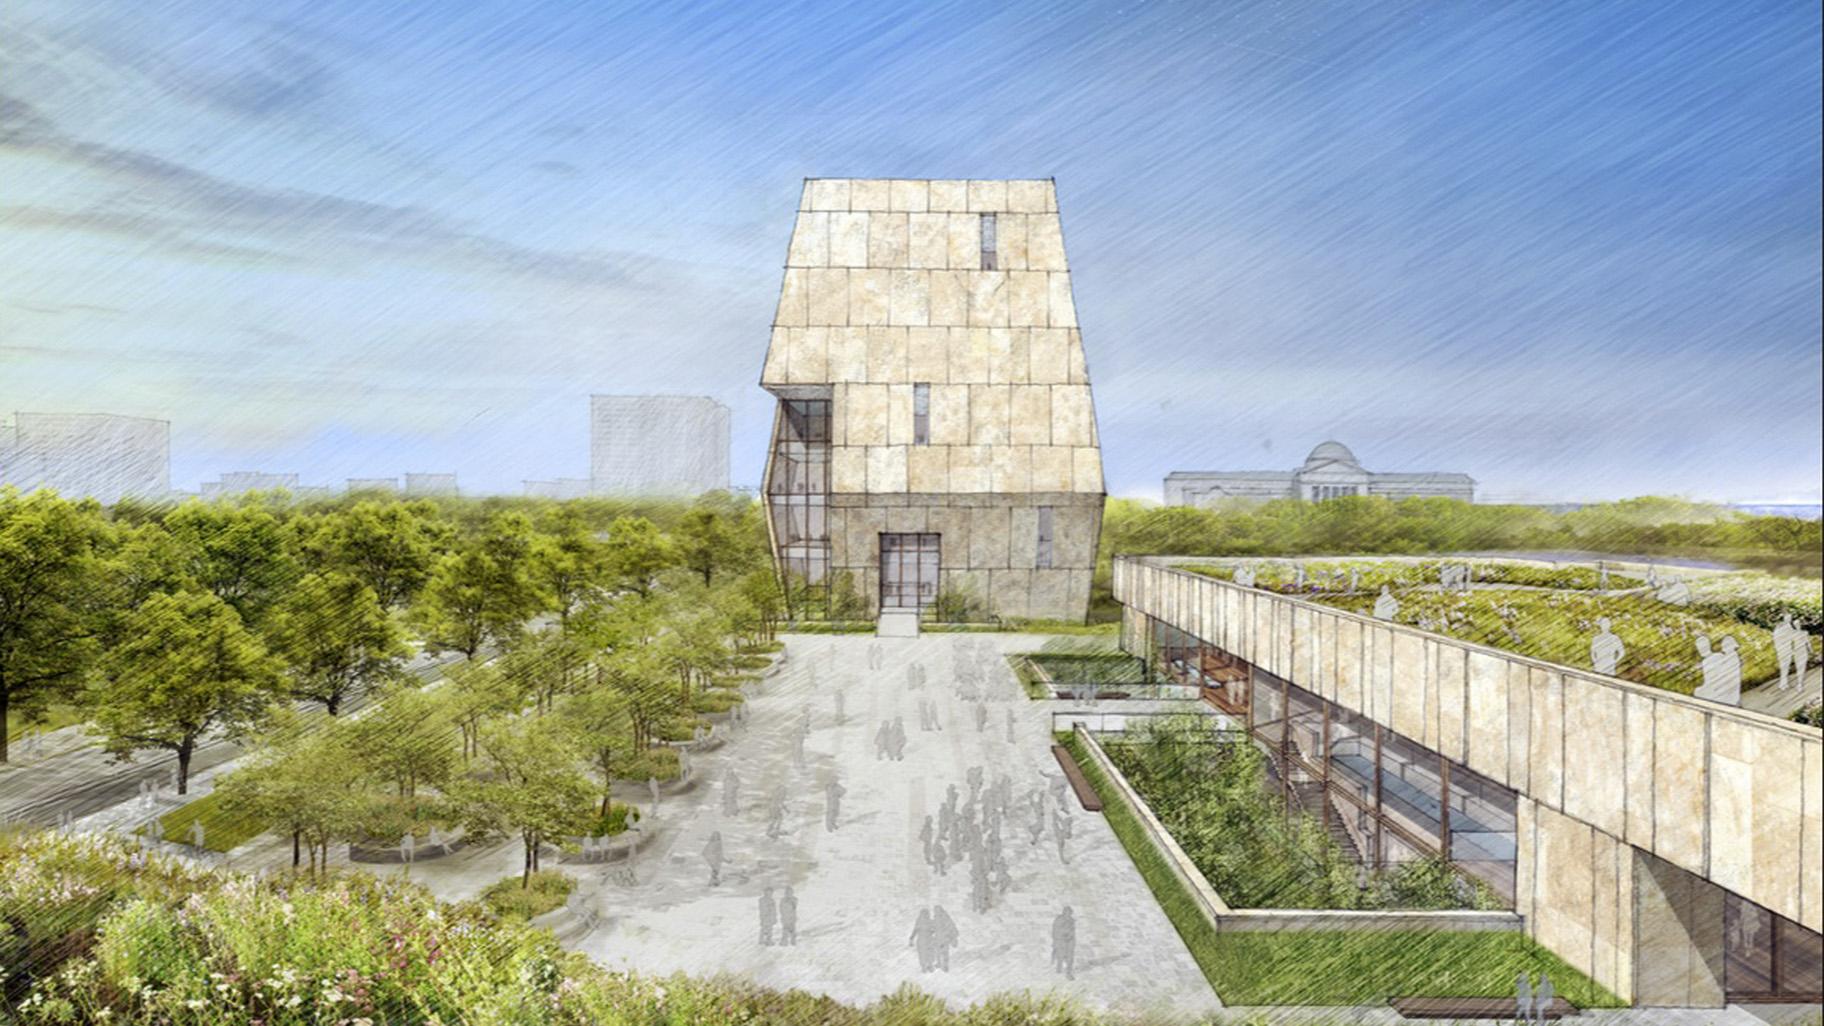 Developer Wants Obama Presidential Center to Spur South Side Regeneration